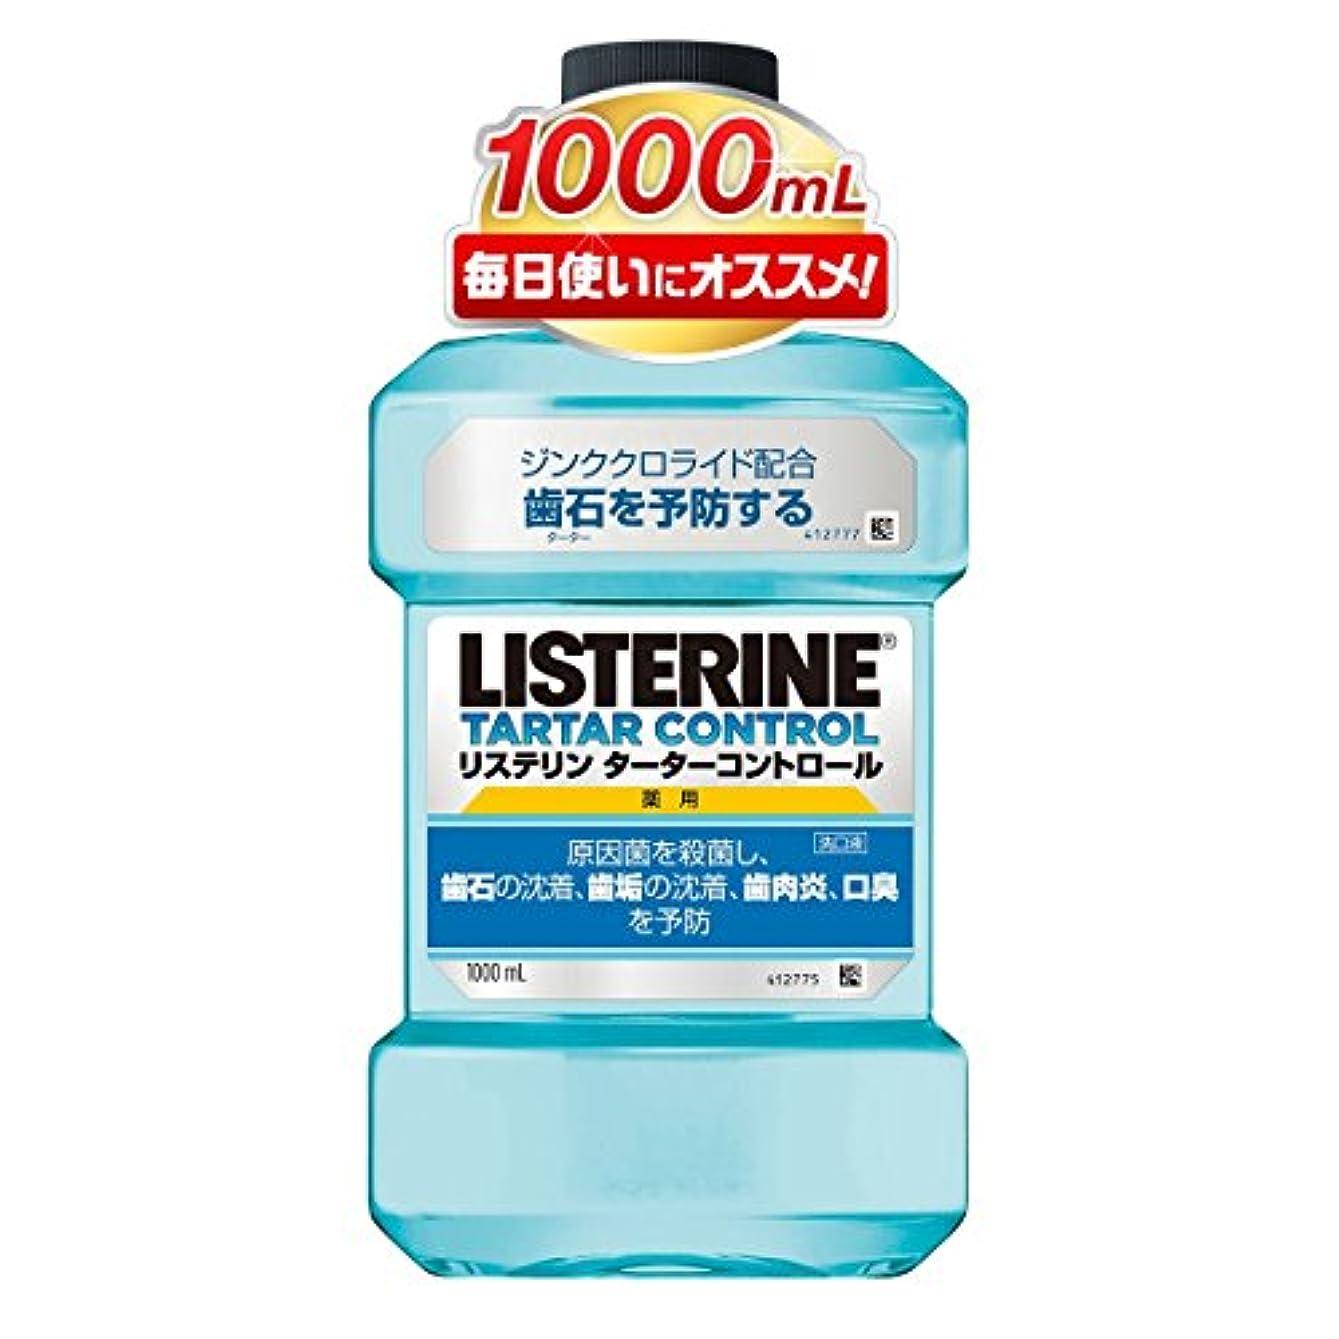 [医薬部外品] 薬用 リステリン マウスウォッシュ ターターコントロール 1000mL